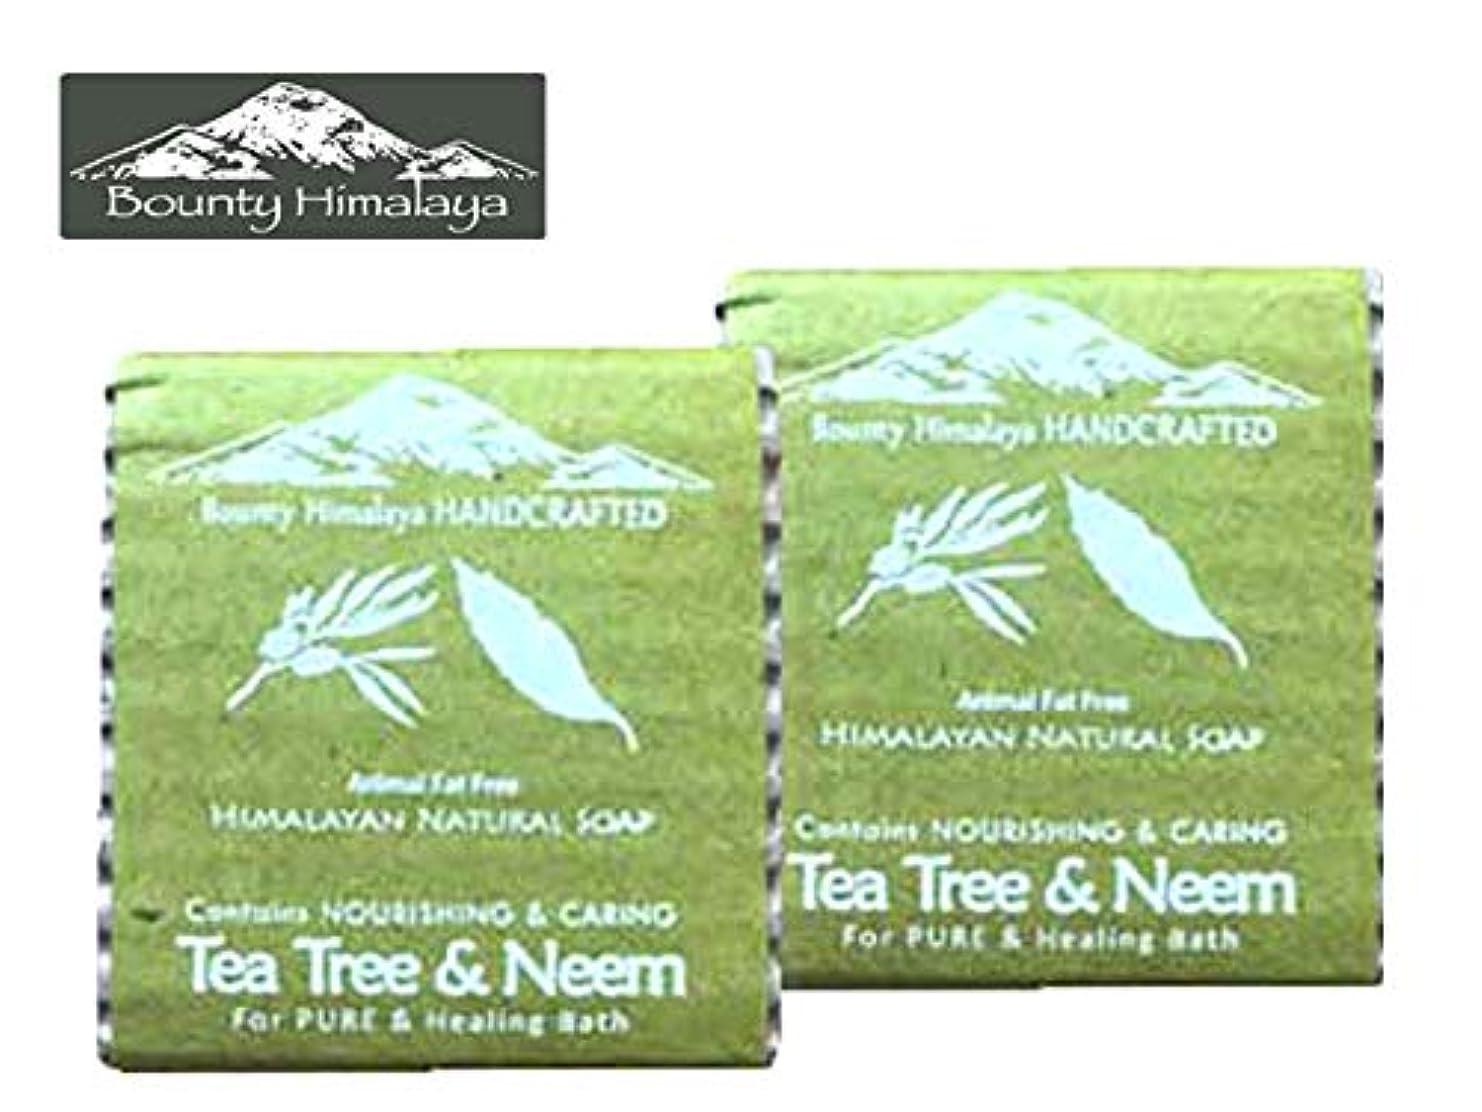 居眠りする大学院ごみアーユルヴェーダ ヒマラヤ ティーツリー?ニーム ソープ2セット Bounty Himalaya Tea Tree & Neem SOAP(NEPAL AYURVEDA) 100g